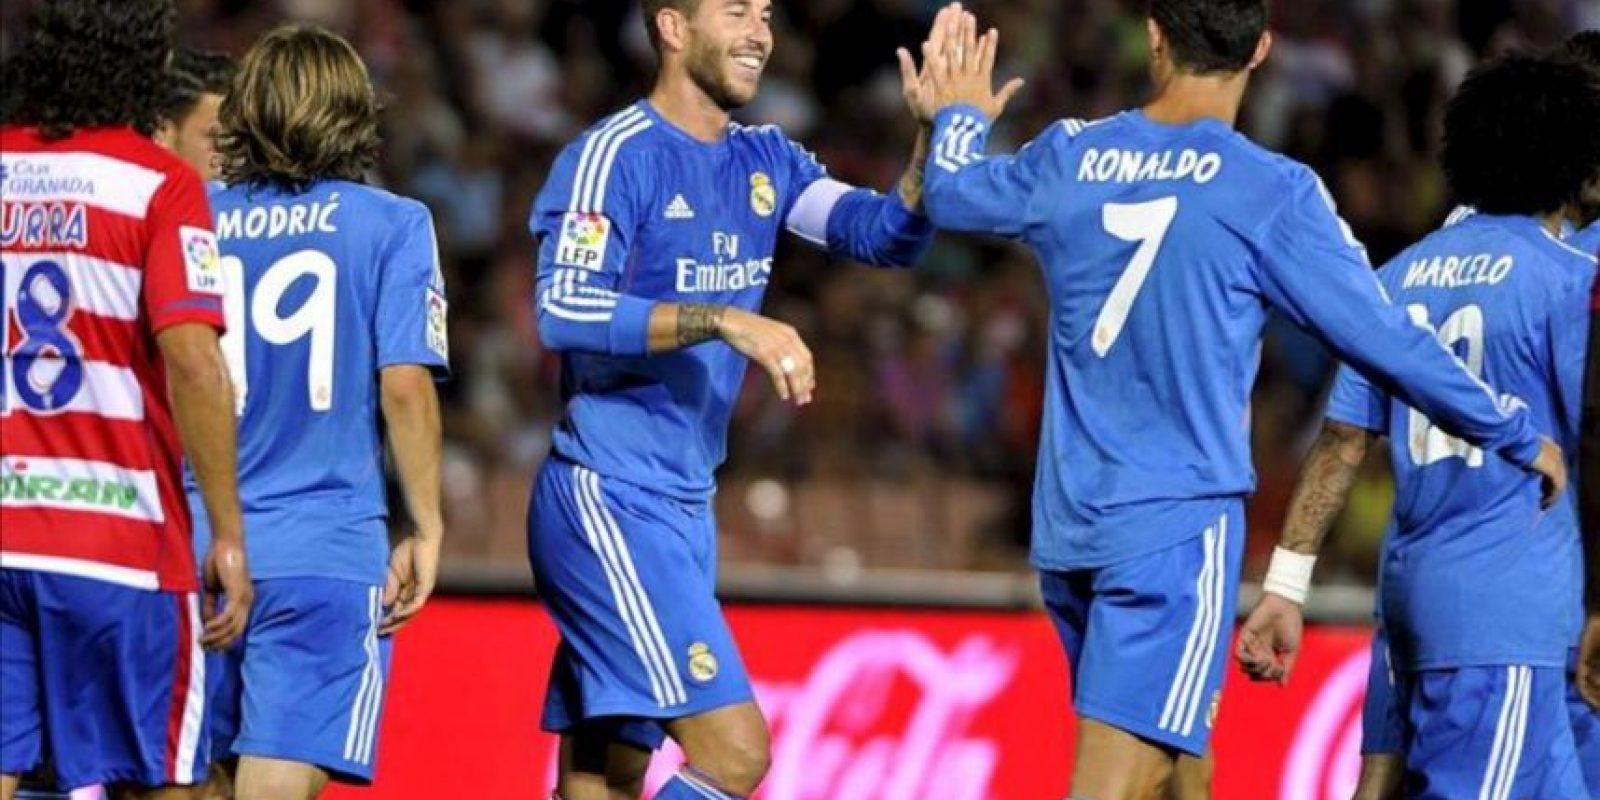 El delantero portugués del Real Madrid Cristiano Ronaldo (d) celebra con el defensa Sergio Ramos (3i) el gol que acaba de marcar su compañero Karim Benzema, el primero de su equipo en el encuentro ante el Granada, correspondiente a la segunda jornada de la Liga BBVA de Primera División. EFE